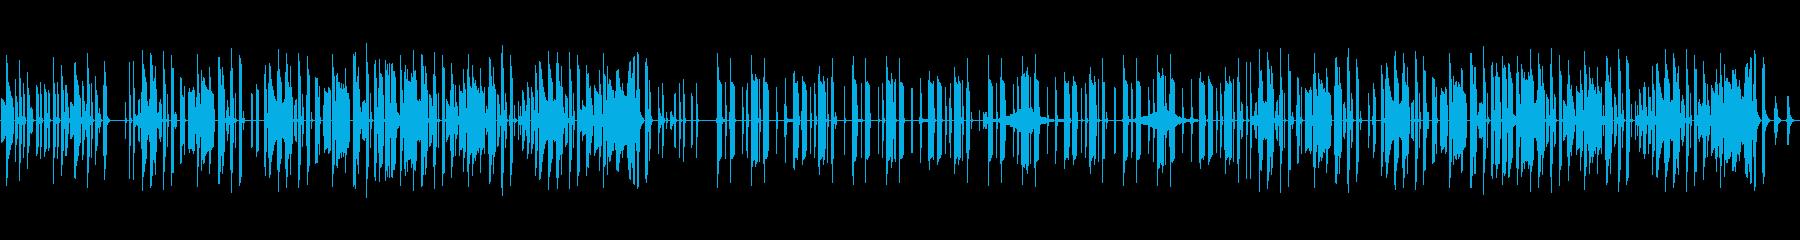 日常系のBGMに使えそうな曲の再生済みの波形